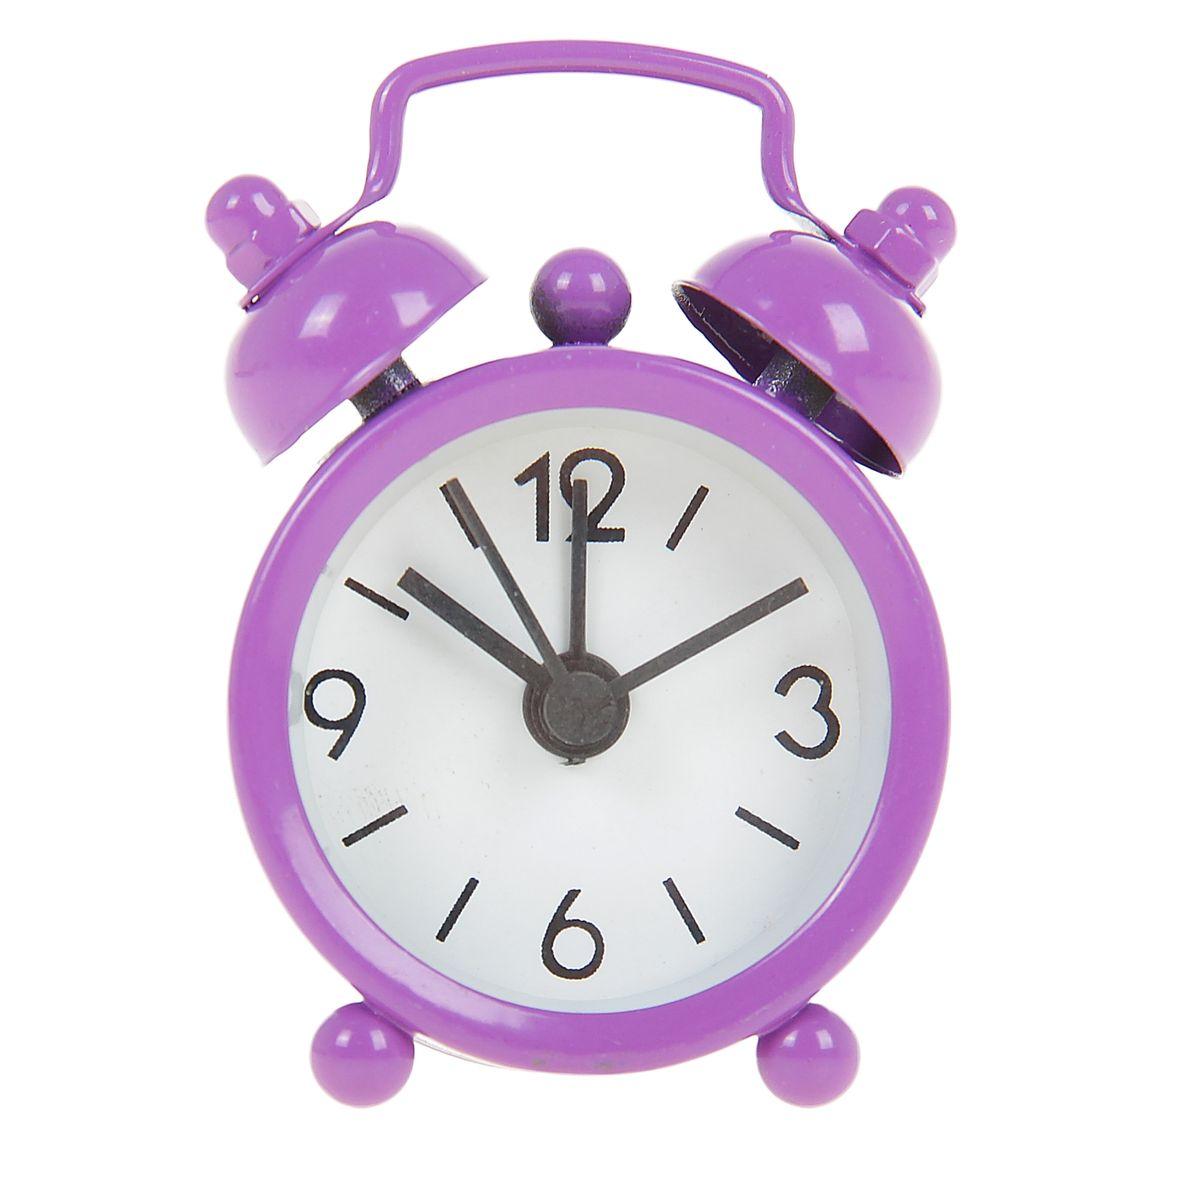 Часы-будильник Sima-land, цвет: фиолетовый. 840937840937Как же сложно иногда вставать вовремя! Всегда так хочется поспать еще хотябы 5 минут ибывает,что мы просыпаем. Теперь этого не случится! Яркий, оригинальный будильникSima-landпоможет вам всегдавставать в нужное время и успевать везде и всюду. Будильник украсит вашукомнату иприведет в восхищение друзей. Эта уменьшенная версия привычногобудильника умещаетсяналадони и работает так же громко, как и привычные аналоги. Время показываетточно и будит вустановленный час. На задней панели будильника расположены переключательвключения/выключения механизма,атакже два колесика для настройки текущего времени и времени звонкабудильника. Будильник работает от 1 батарейки типа LR44 (входит в комплект).